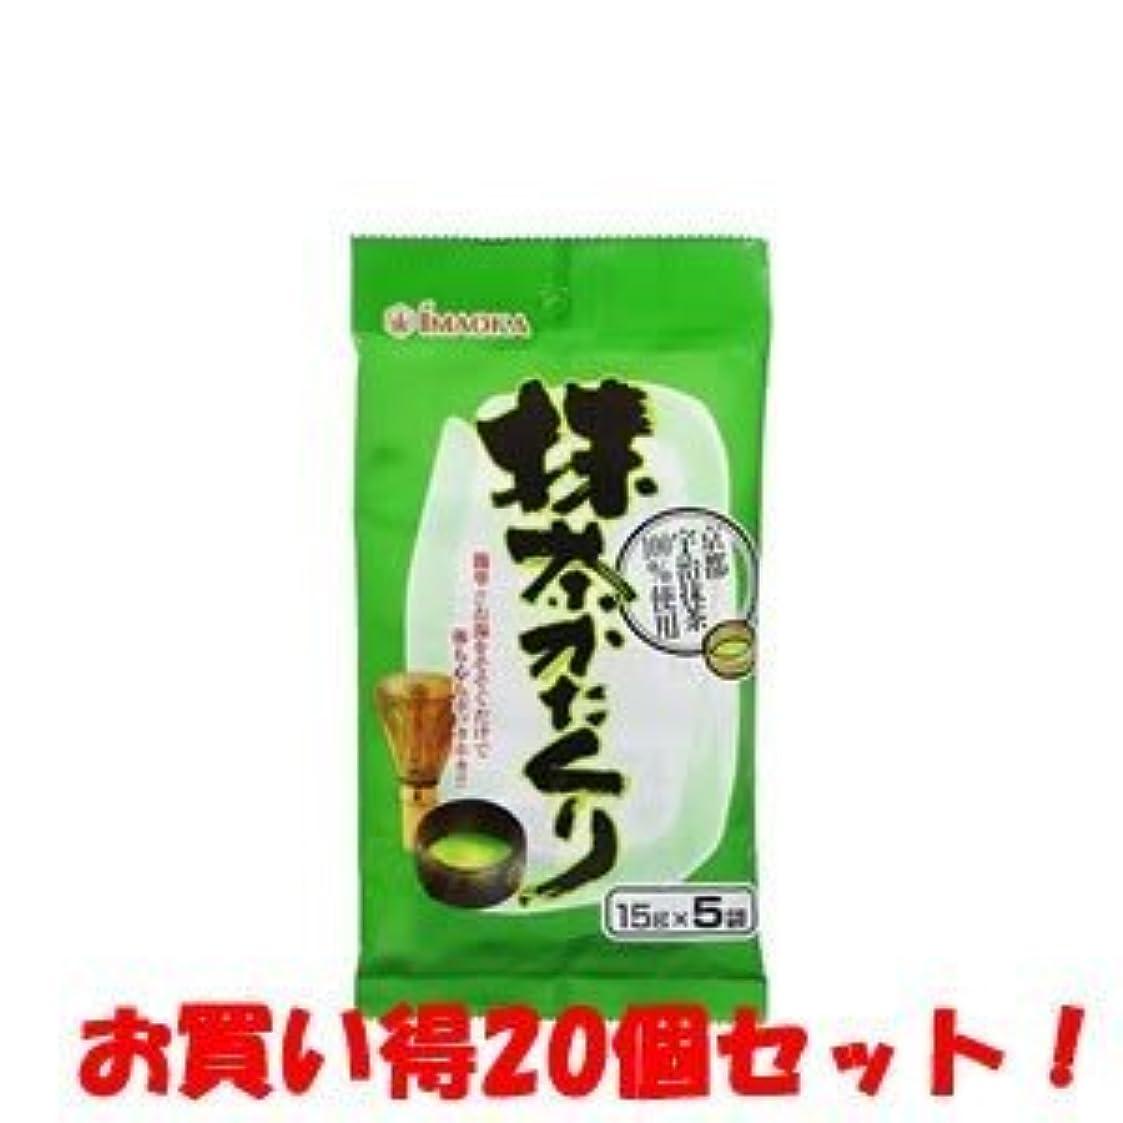 変形慣れている大聖堂(今岡製菓)抹茶かたくり 15g×5袋(お買い得20個セット)